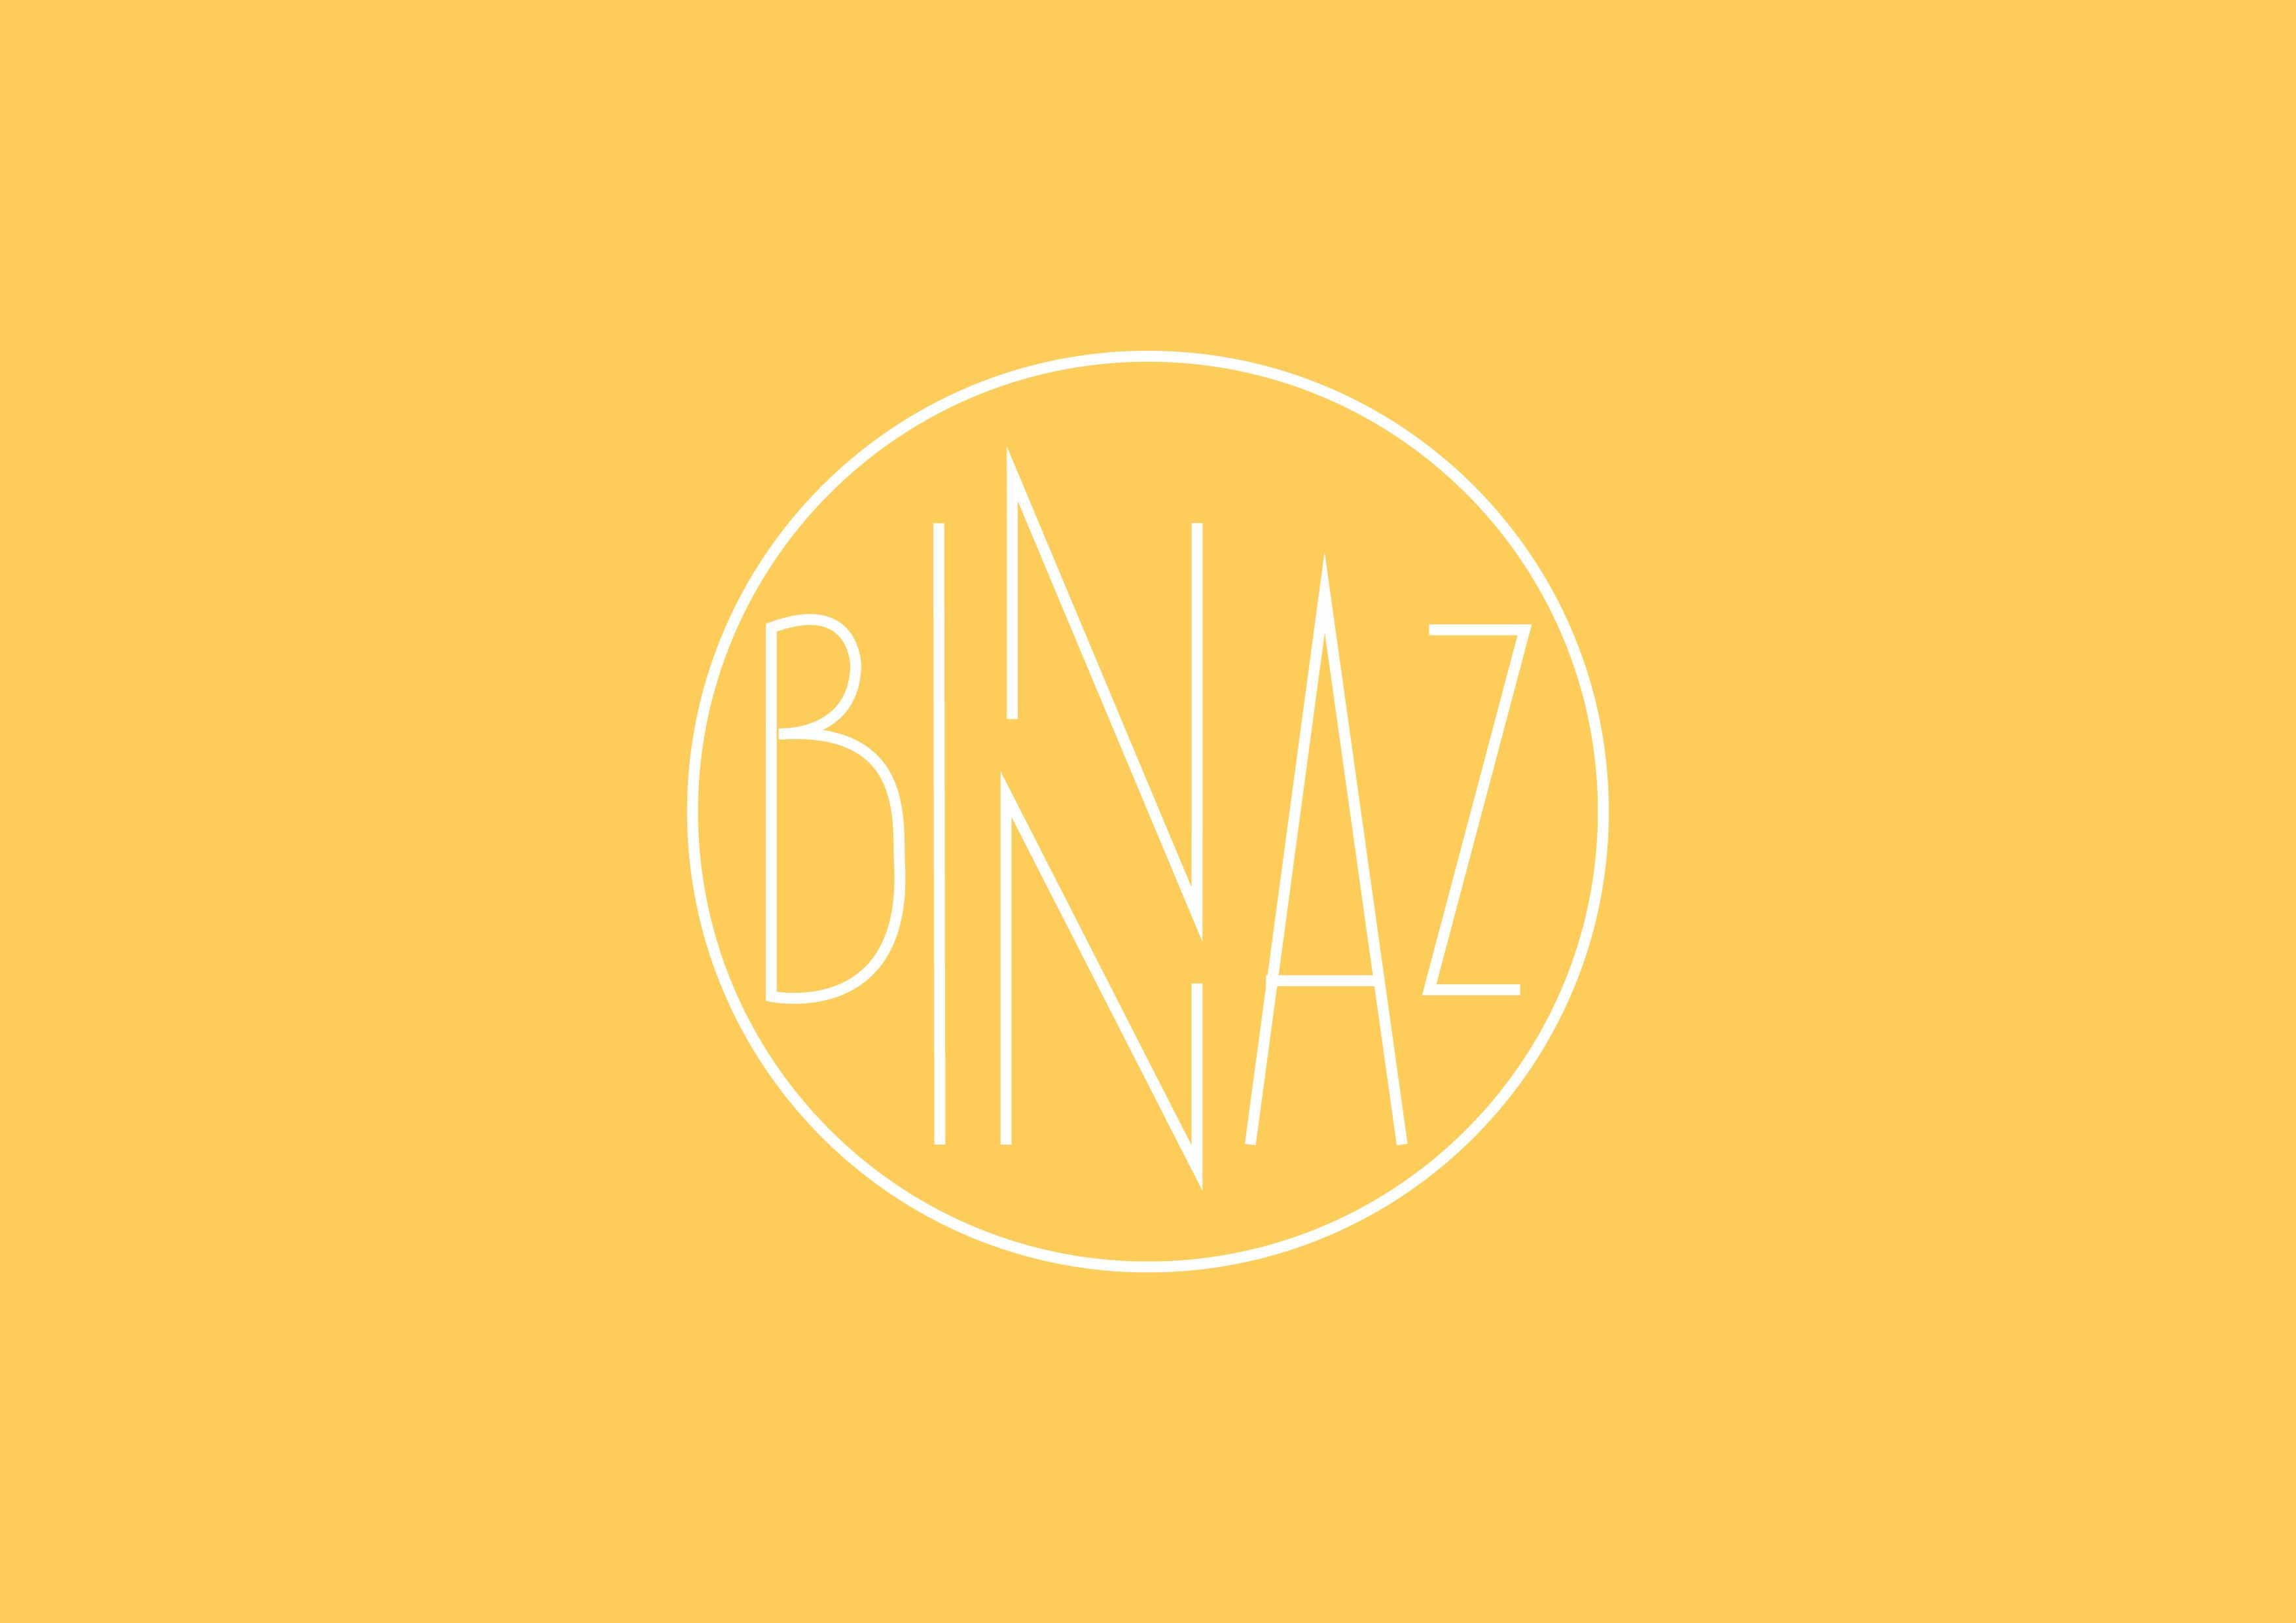 Binnaz by Nerea Calvo Rollán - Creative Work